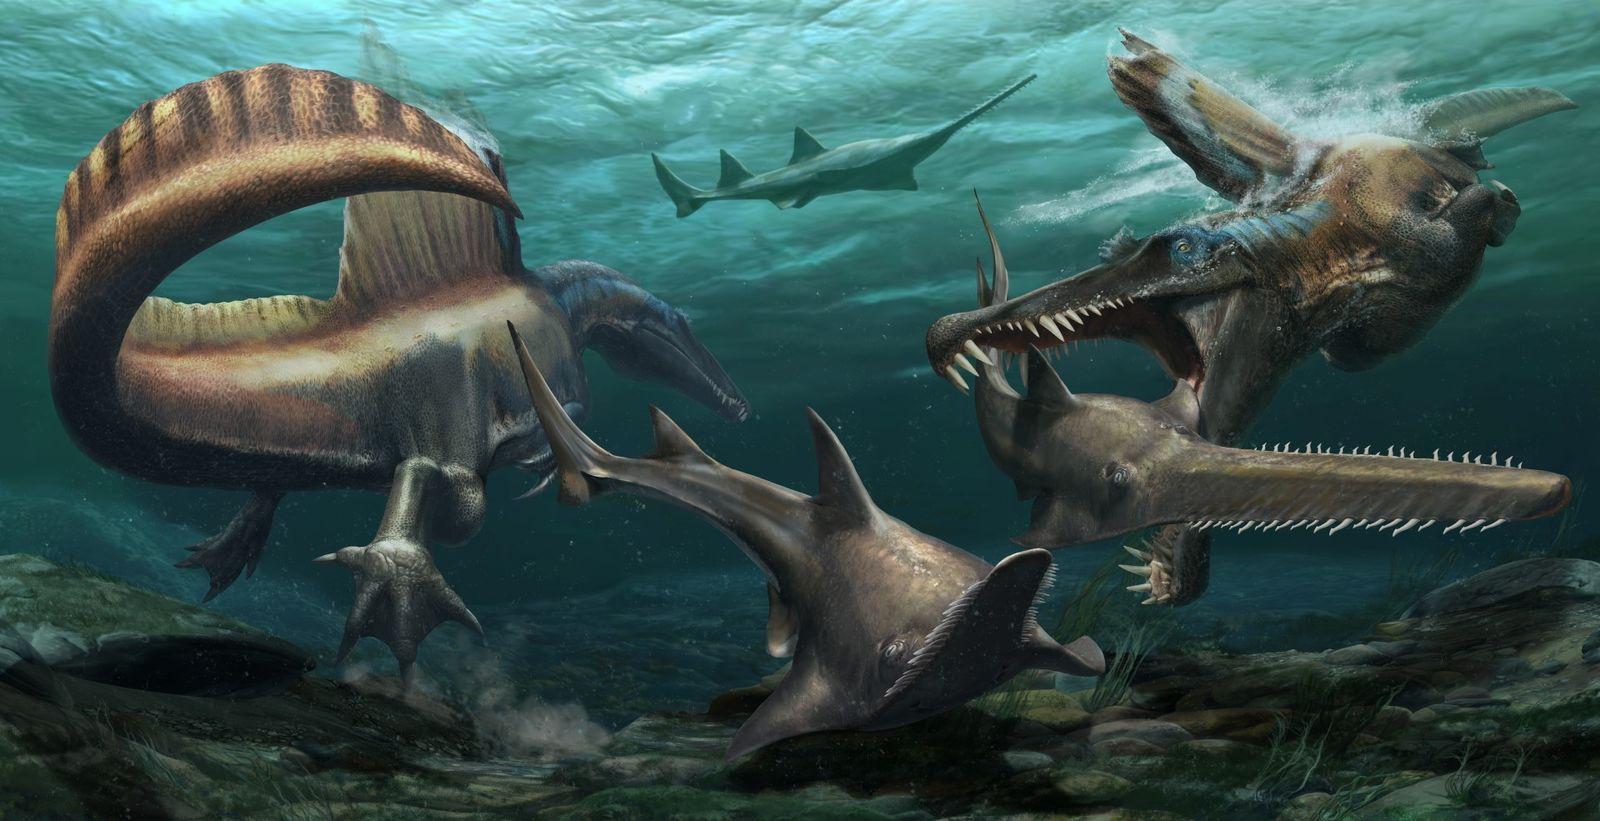 Espinossauro Bizarro Faz História Enquanto Primeiro Dinossauro Nadador de que Há Conhecimento